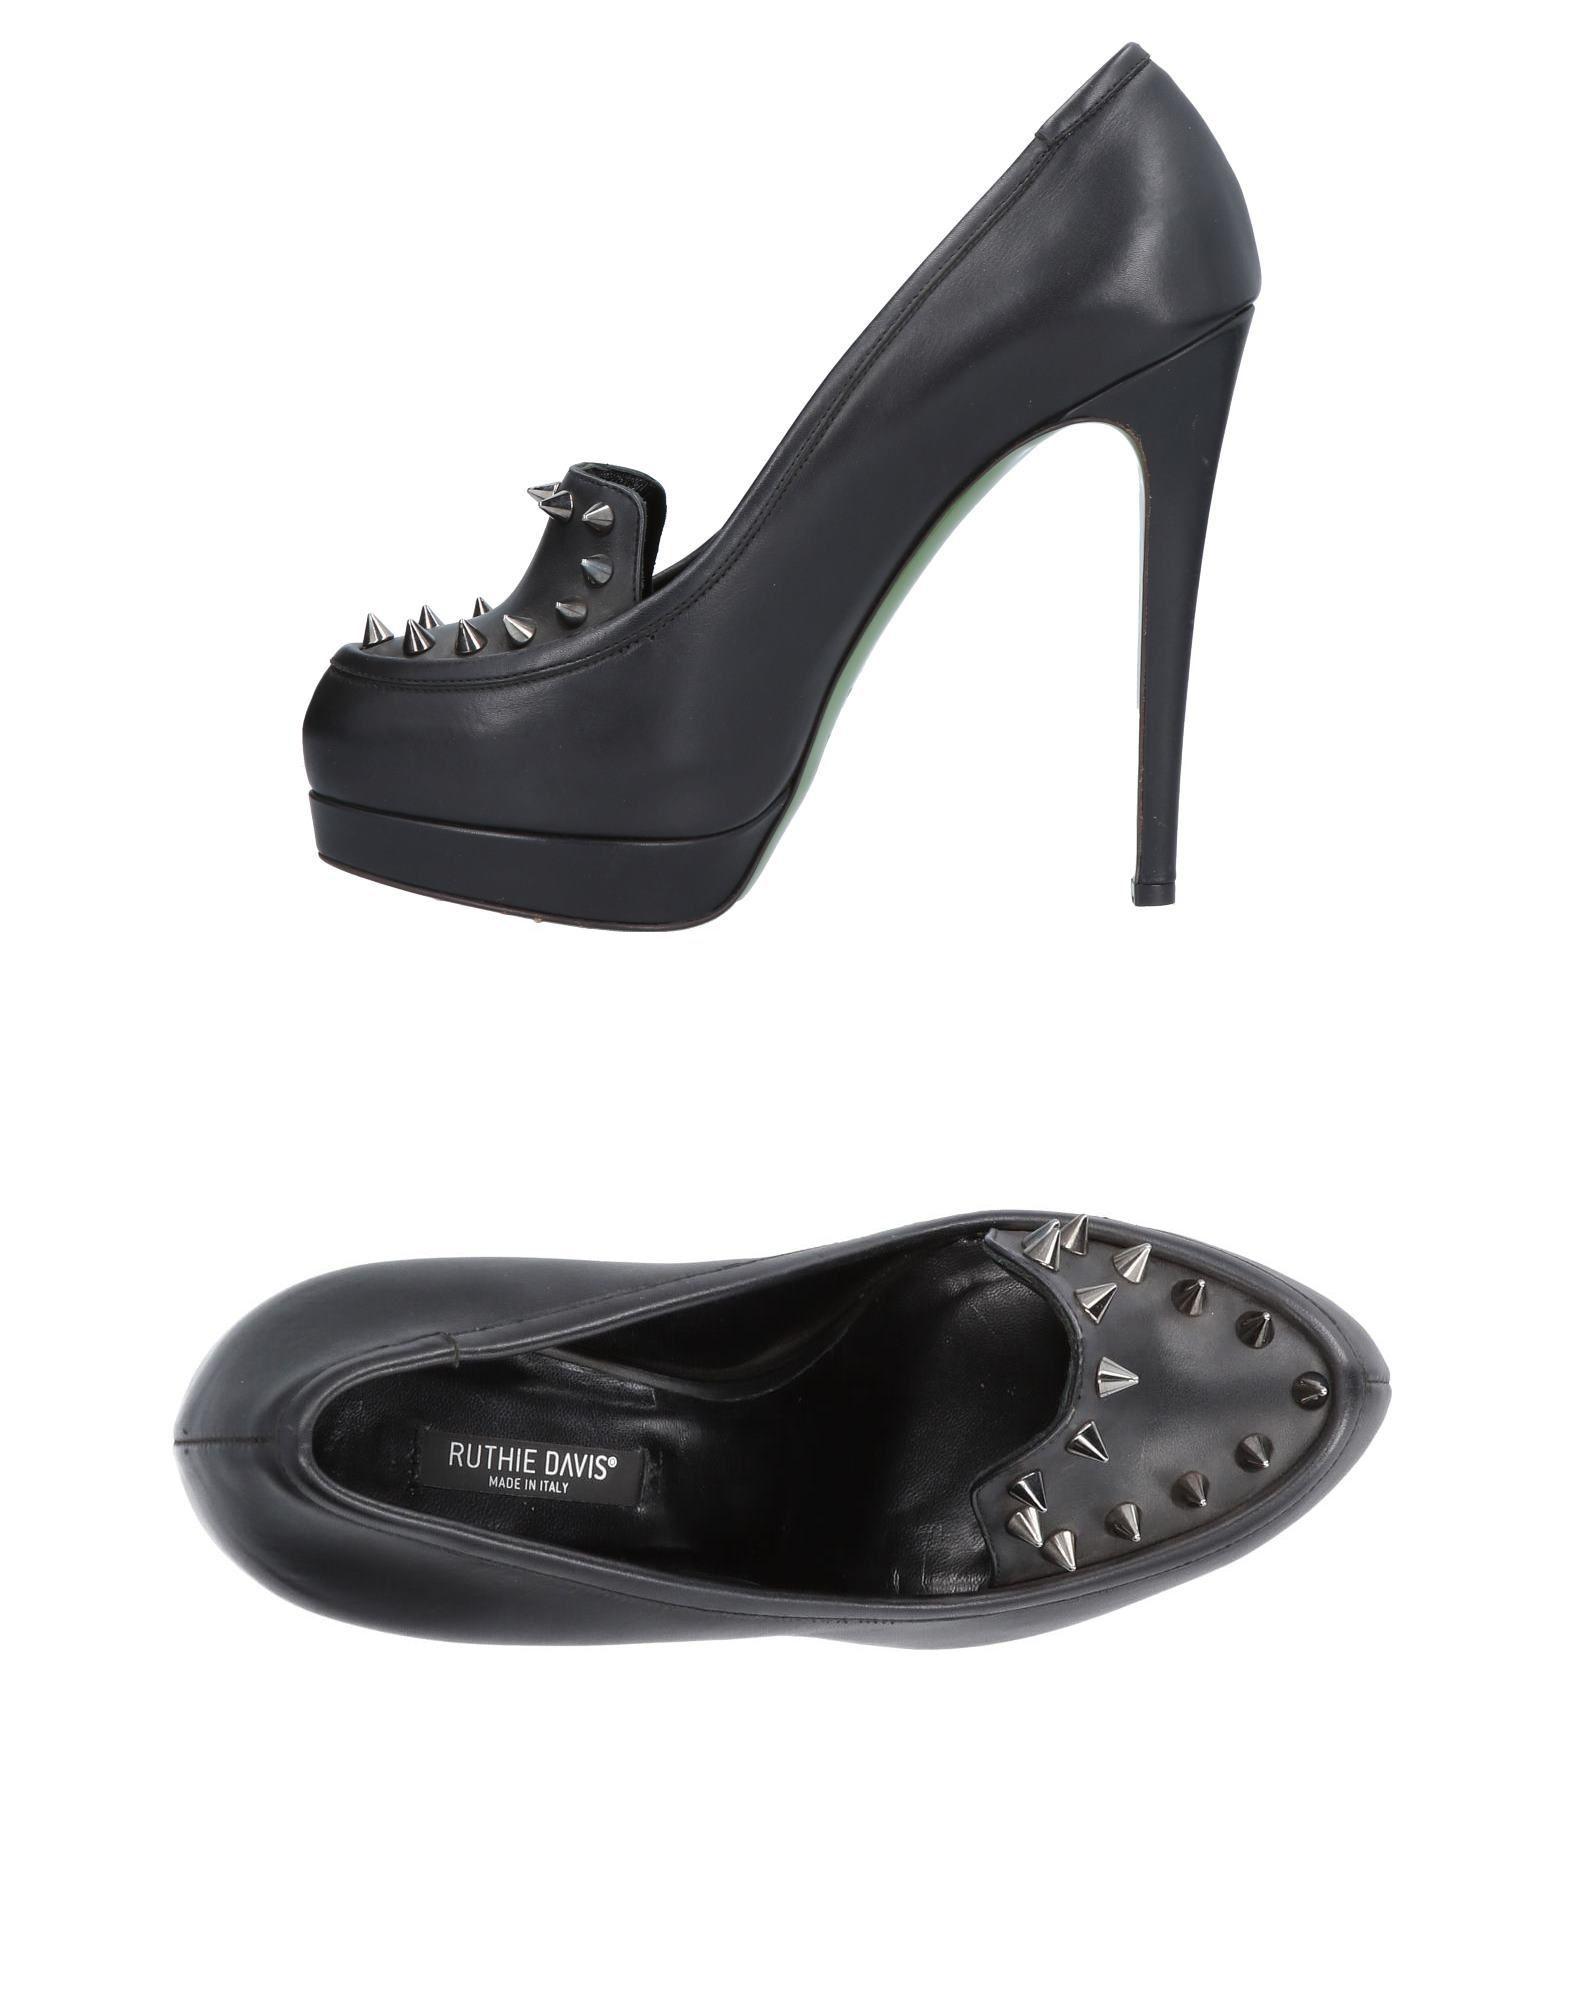 Ruthie Davis Gute Mokassins Damen  11484924XE Gute Davis Qualität beliebte Schuhe 171937